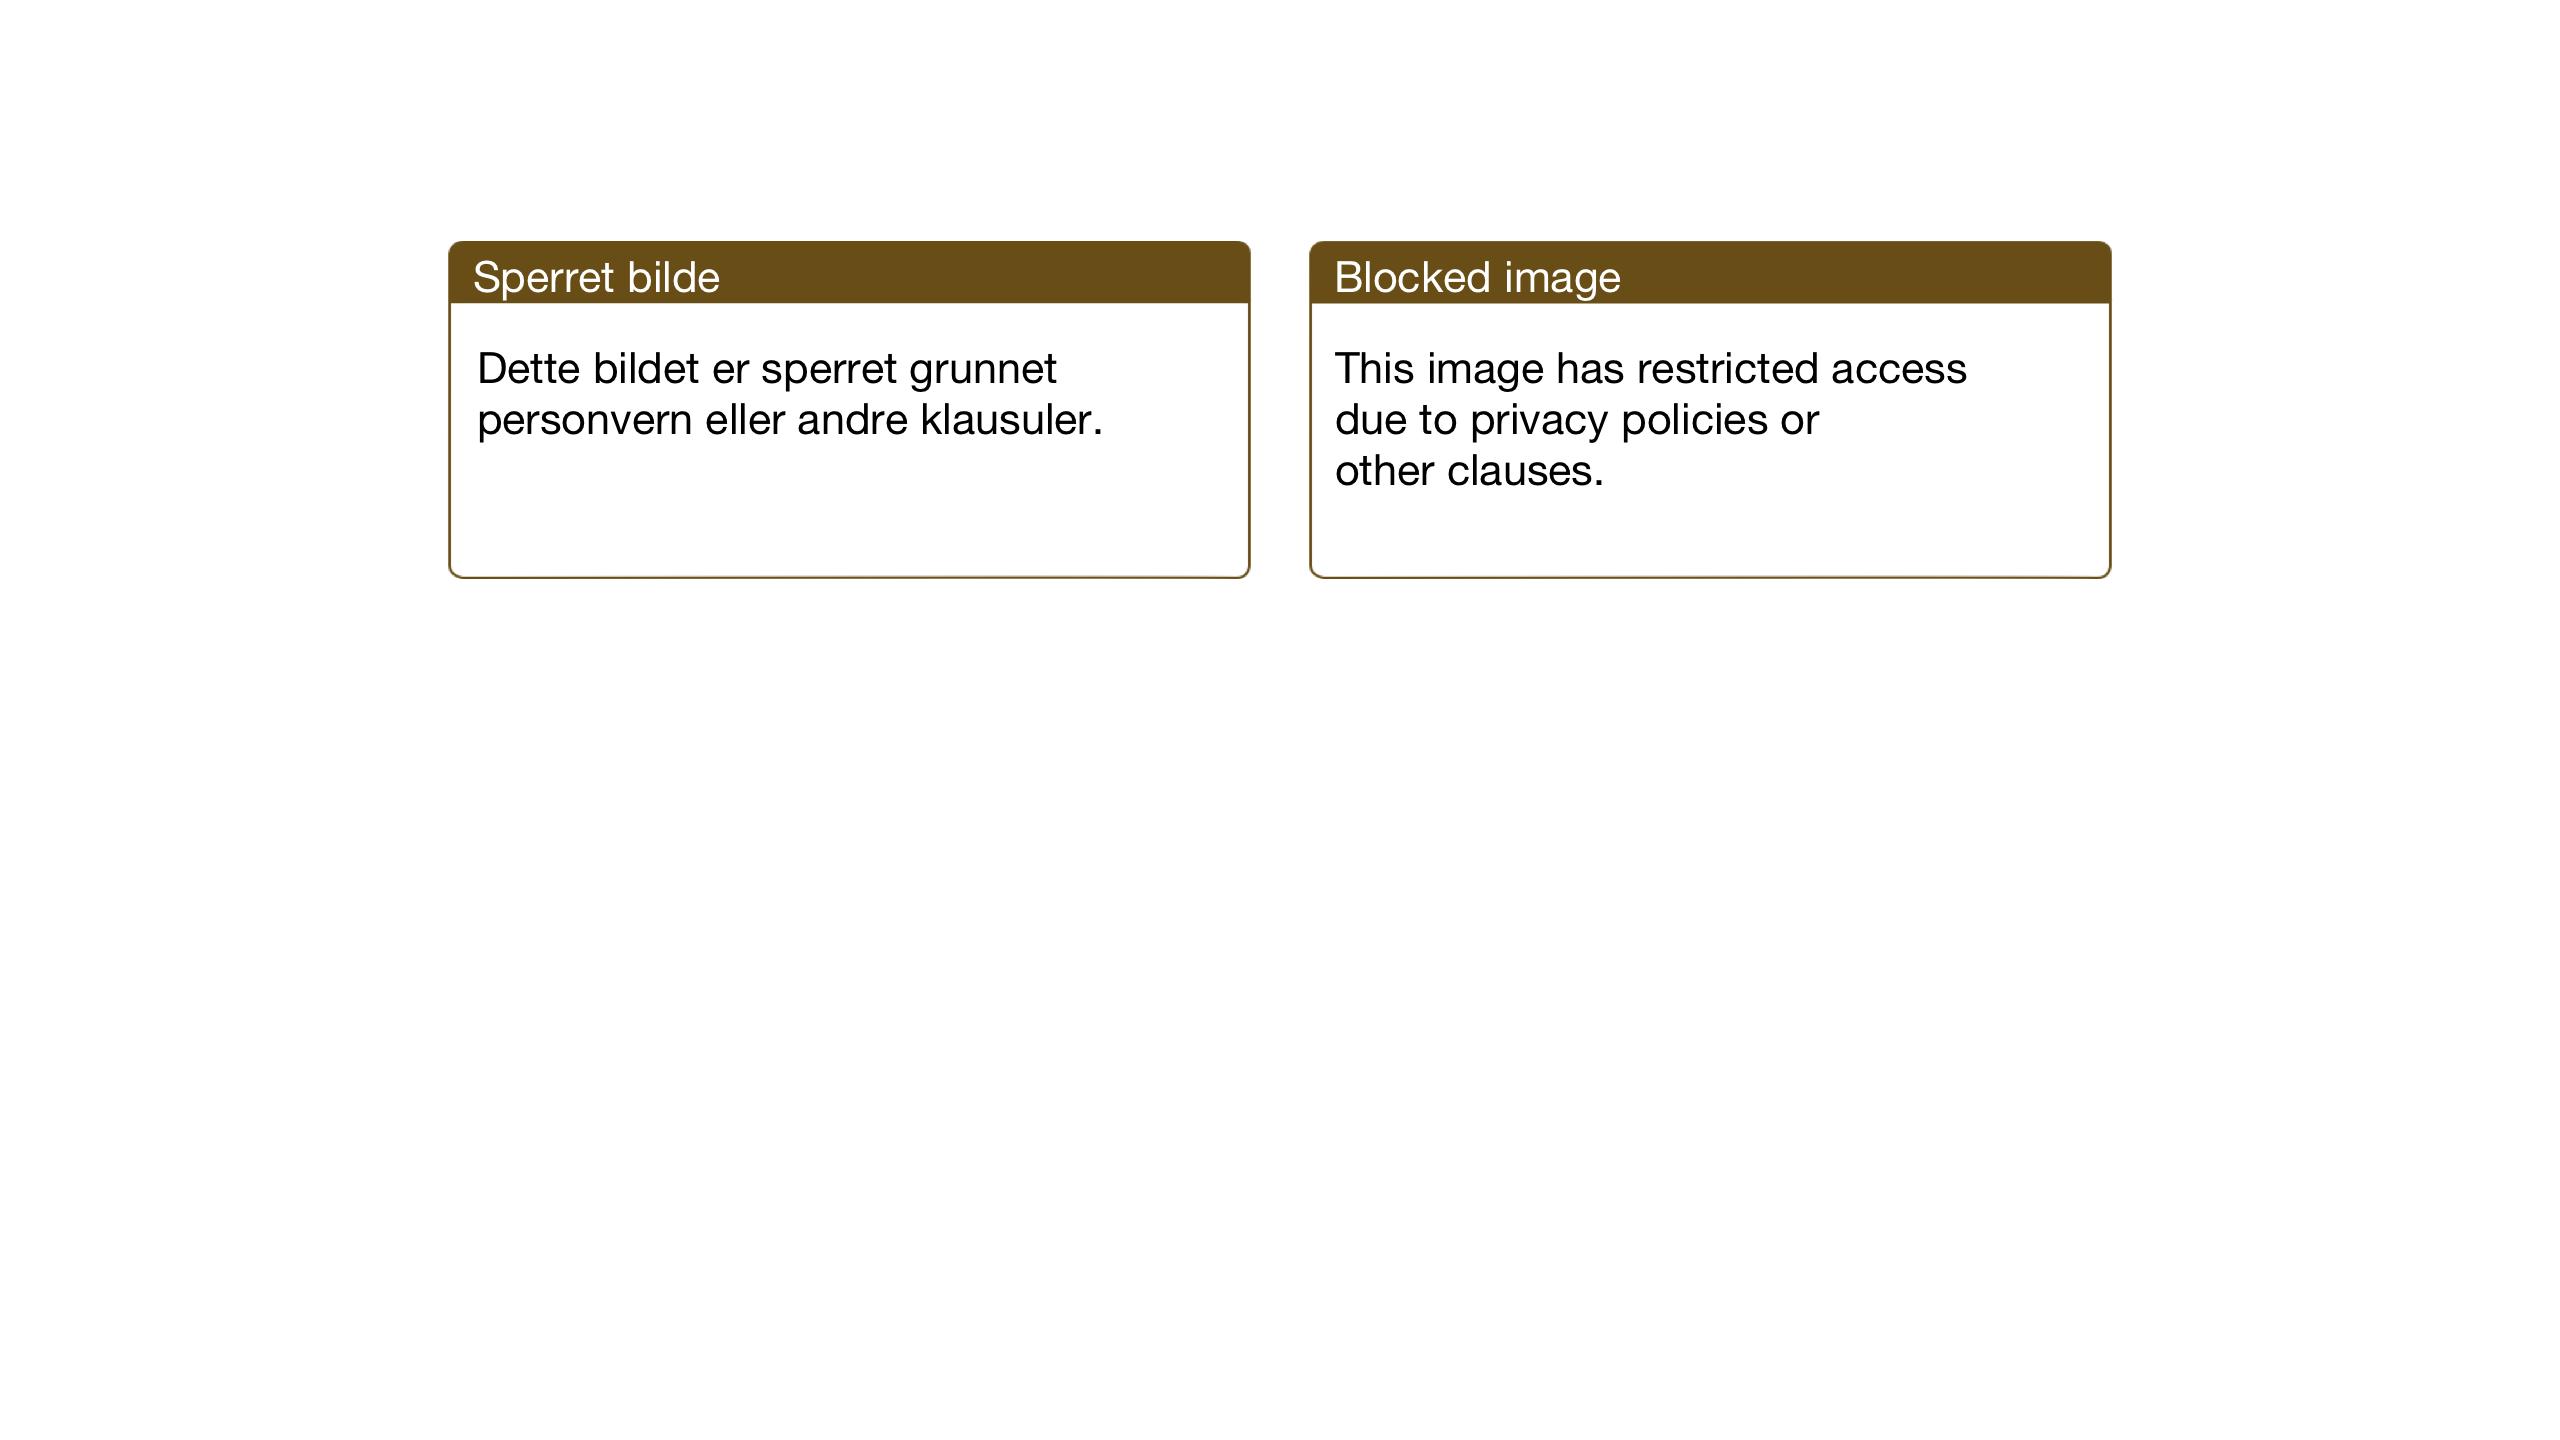 SAT, Ministerialprotokoller, klokkerbøker og fødselsregistre - Nord-Trøndelag, 709/L0089: Klokkerbok nr. 709C03, 1935-1948, s. 13